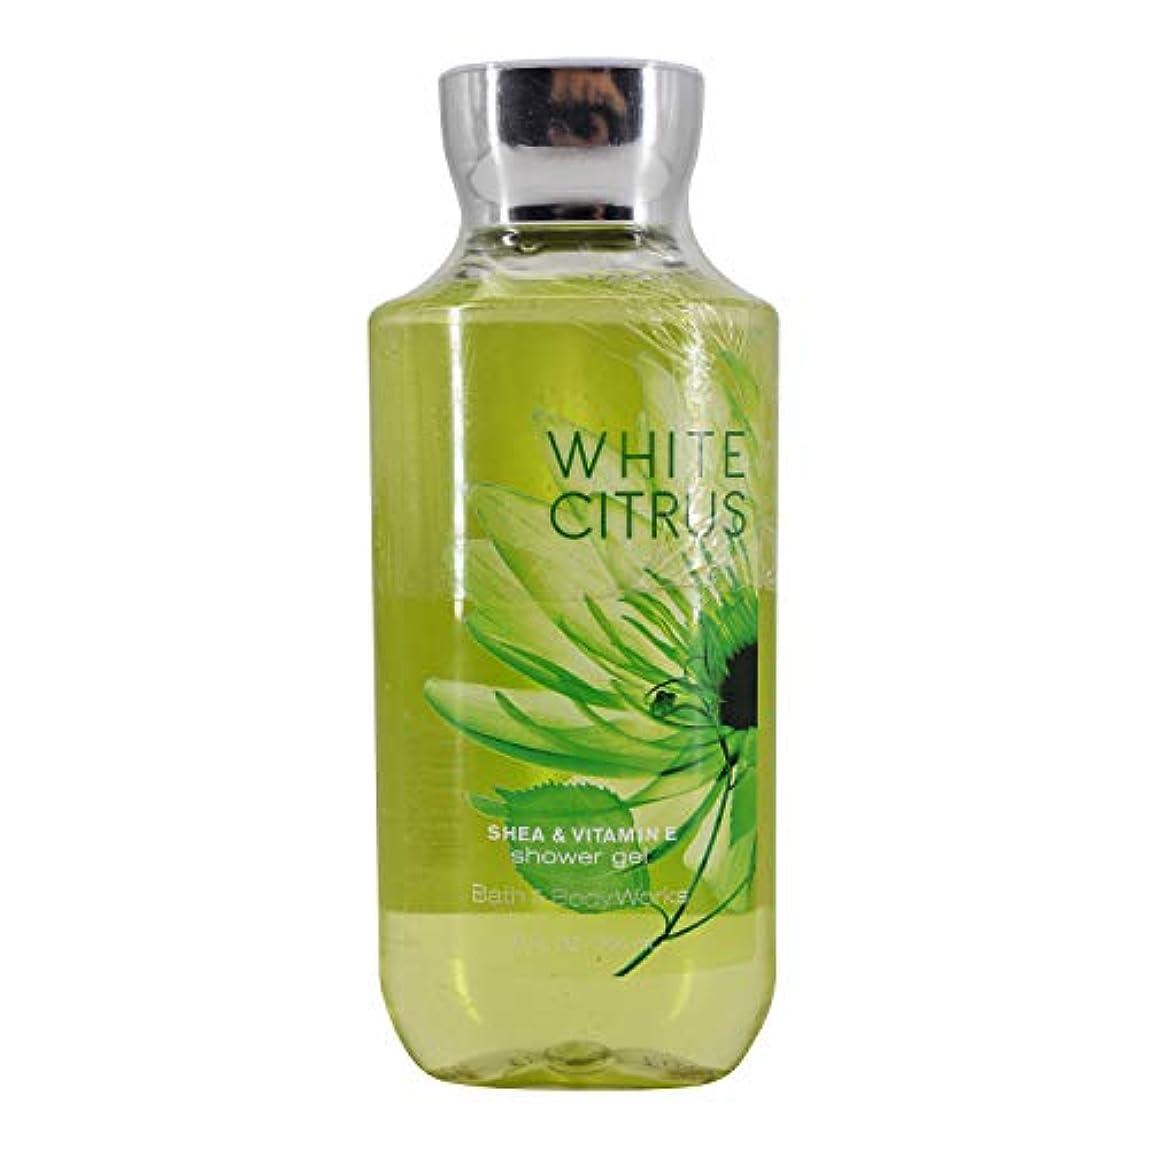 彫刻家ペンヒョウ【Bath&Body Works/バス&ボディワークス】 シャワージェル ホワイトシトラス Shower Gel White Citrus 10 fl oz / 295 mL [並行輸入品]